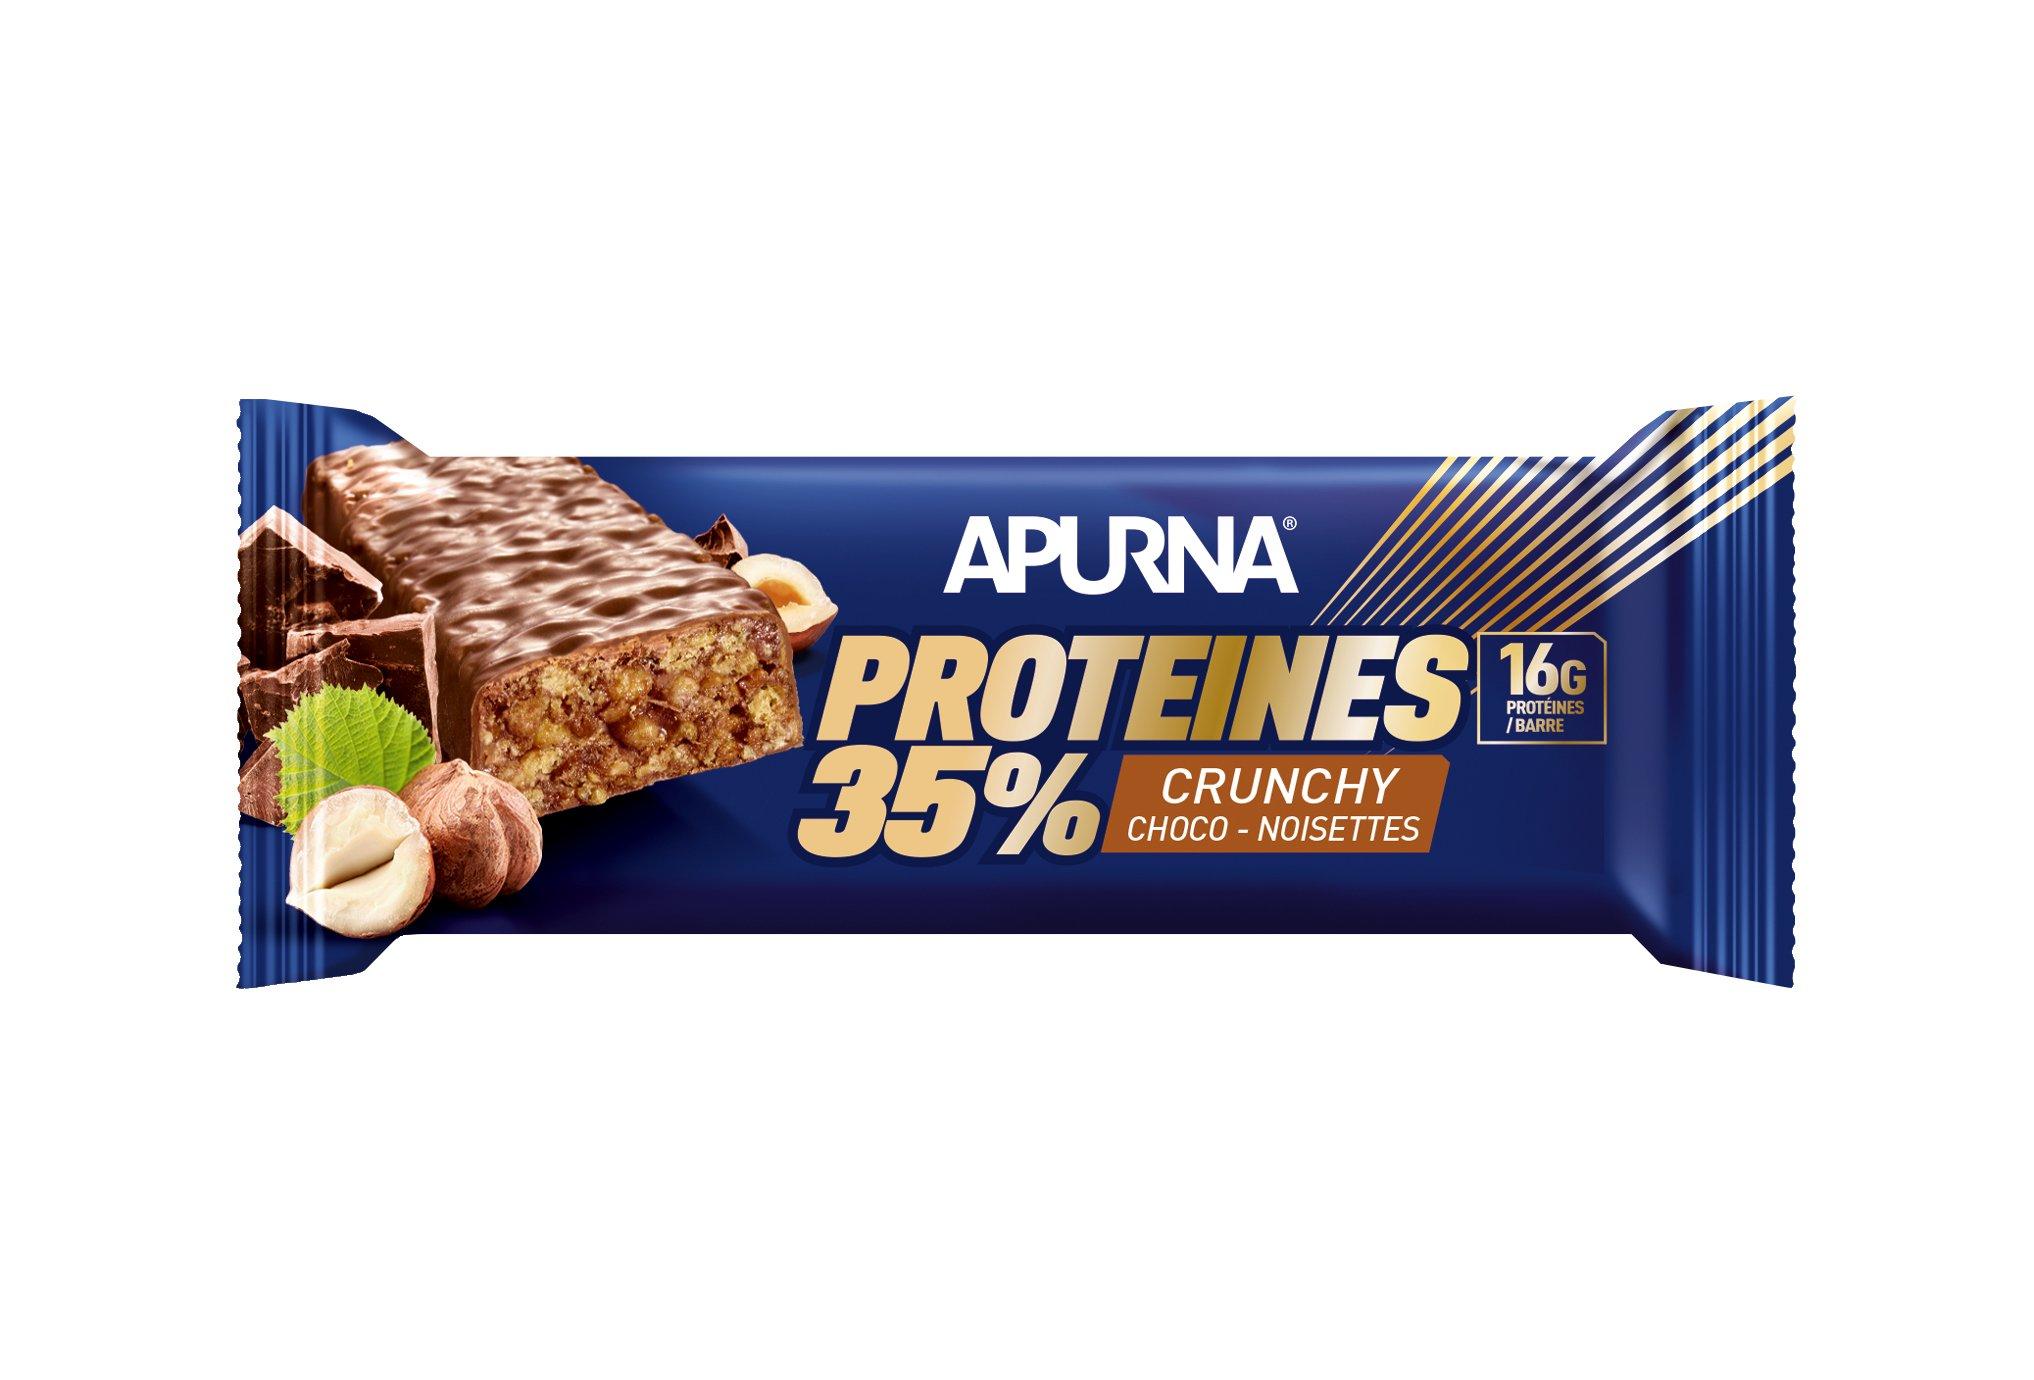 Apurna Barre protéinée - crunchy chocolat noisettes diététique protéines / récupération